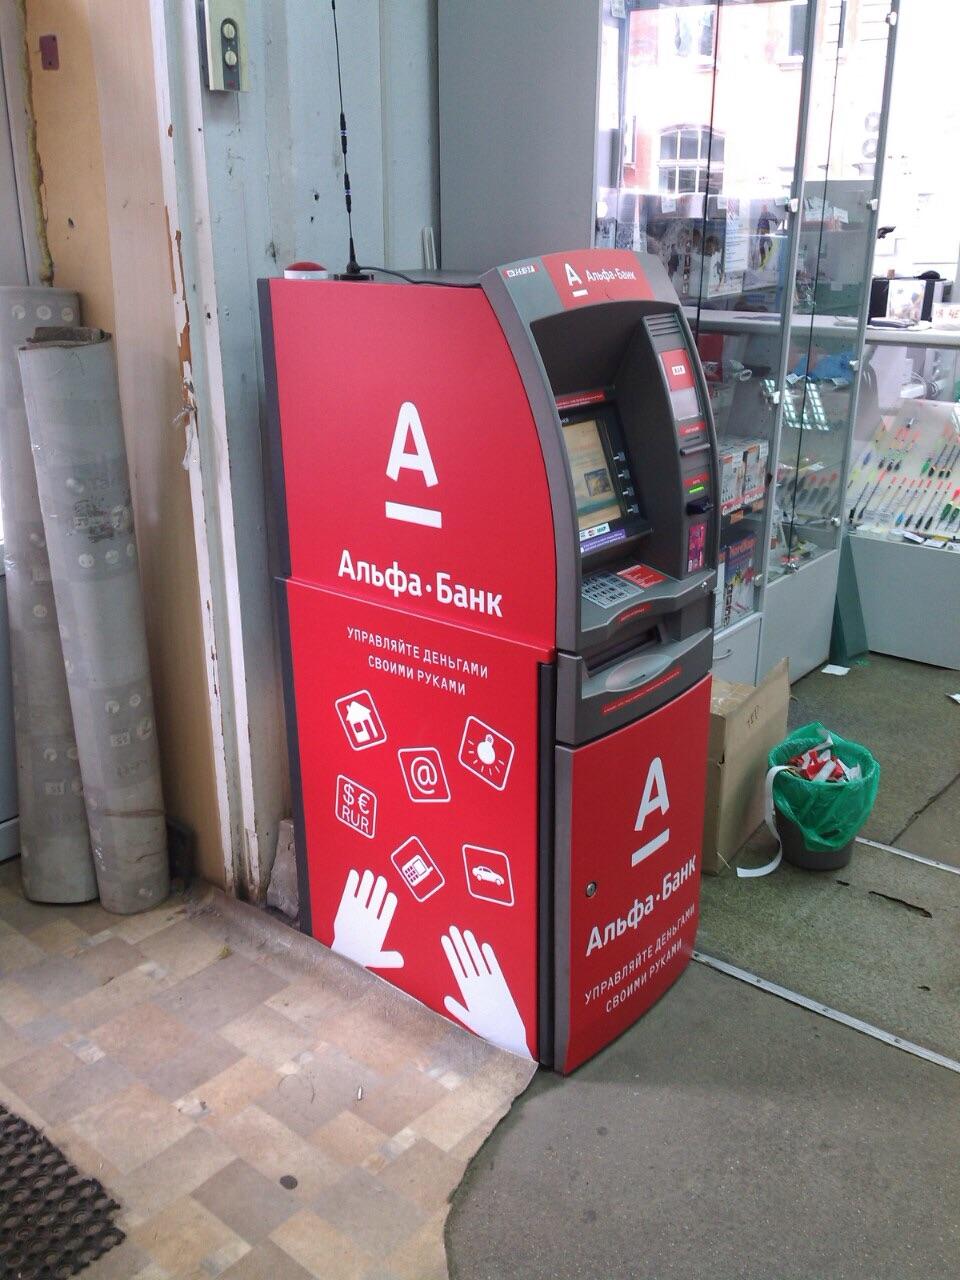 брендирование и оклейка банкоматов в Воронеже